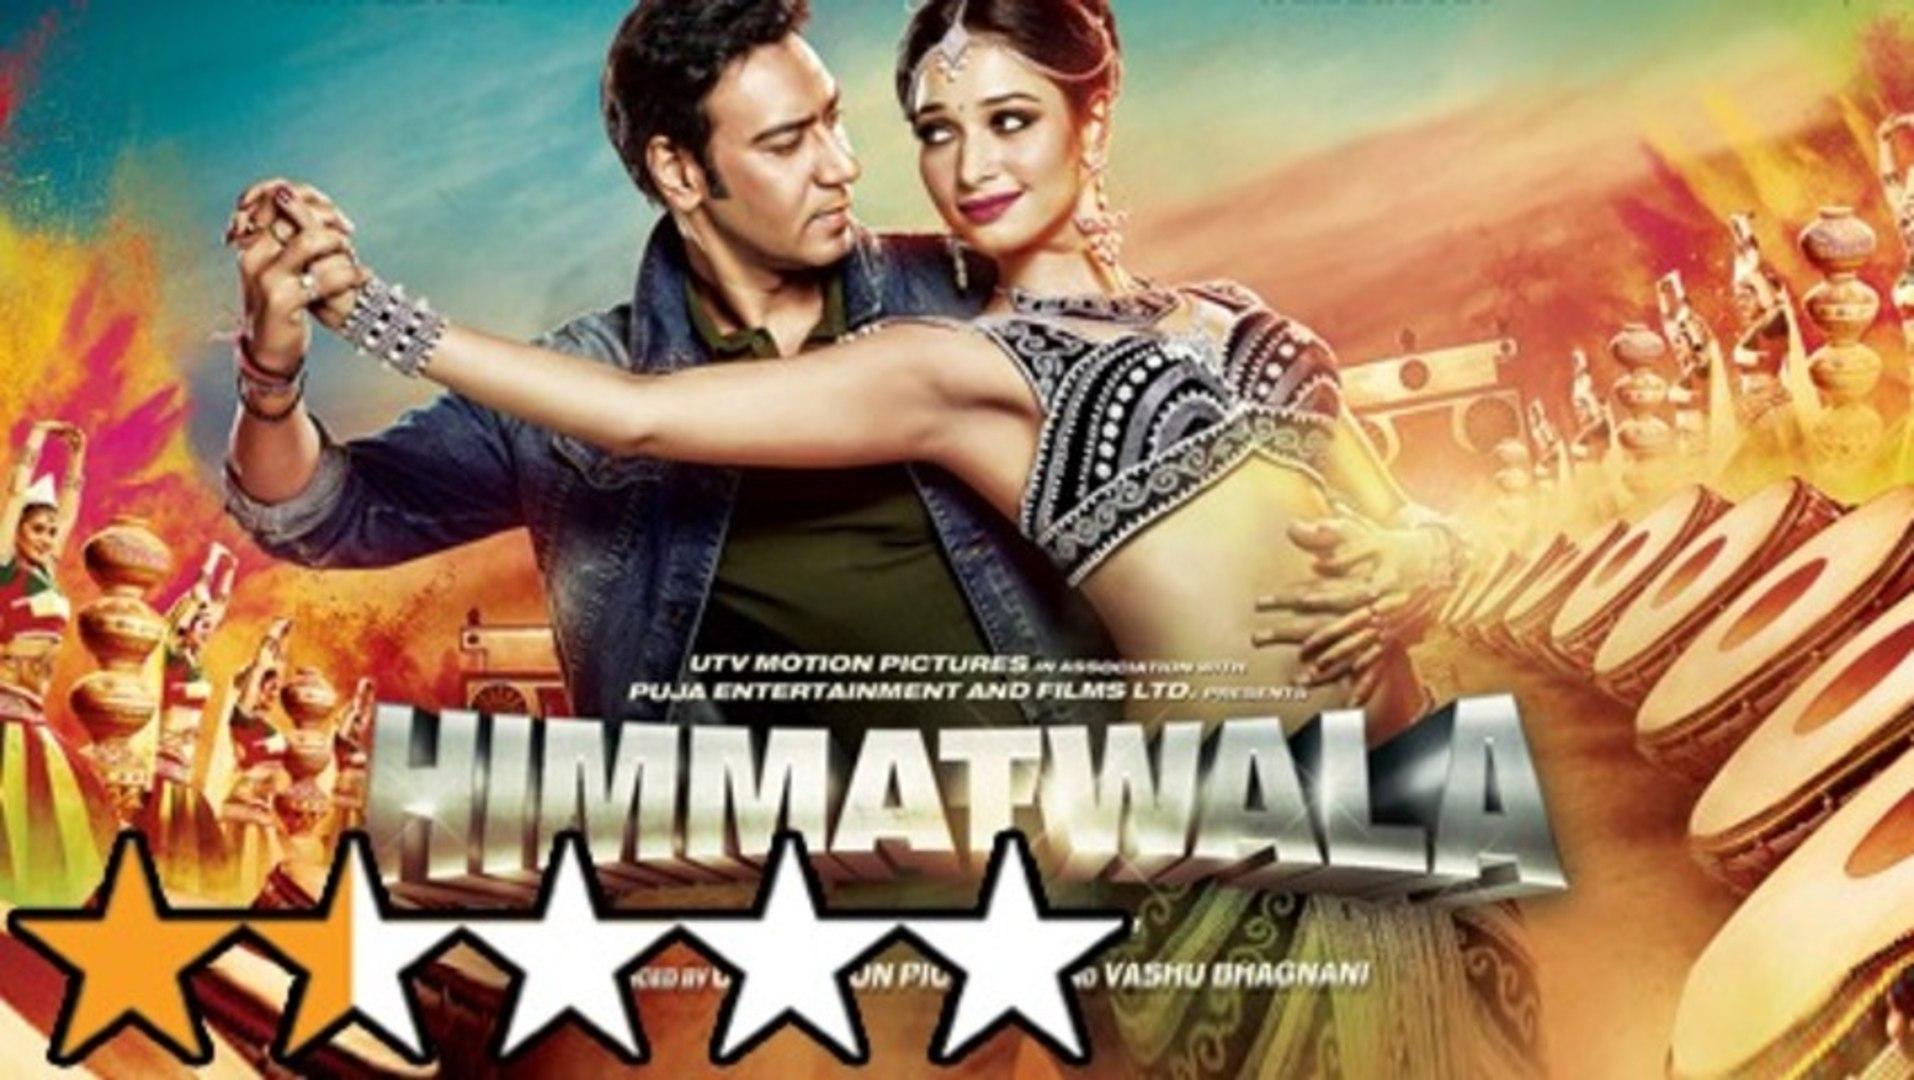 Himmatwala (2013) Review   Ajay Devgan, Tamannaah Bhatia